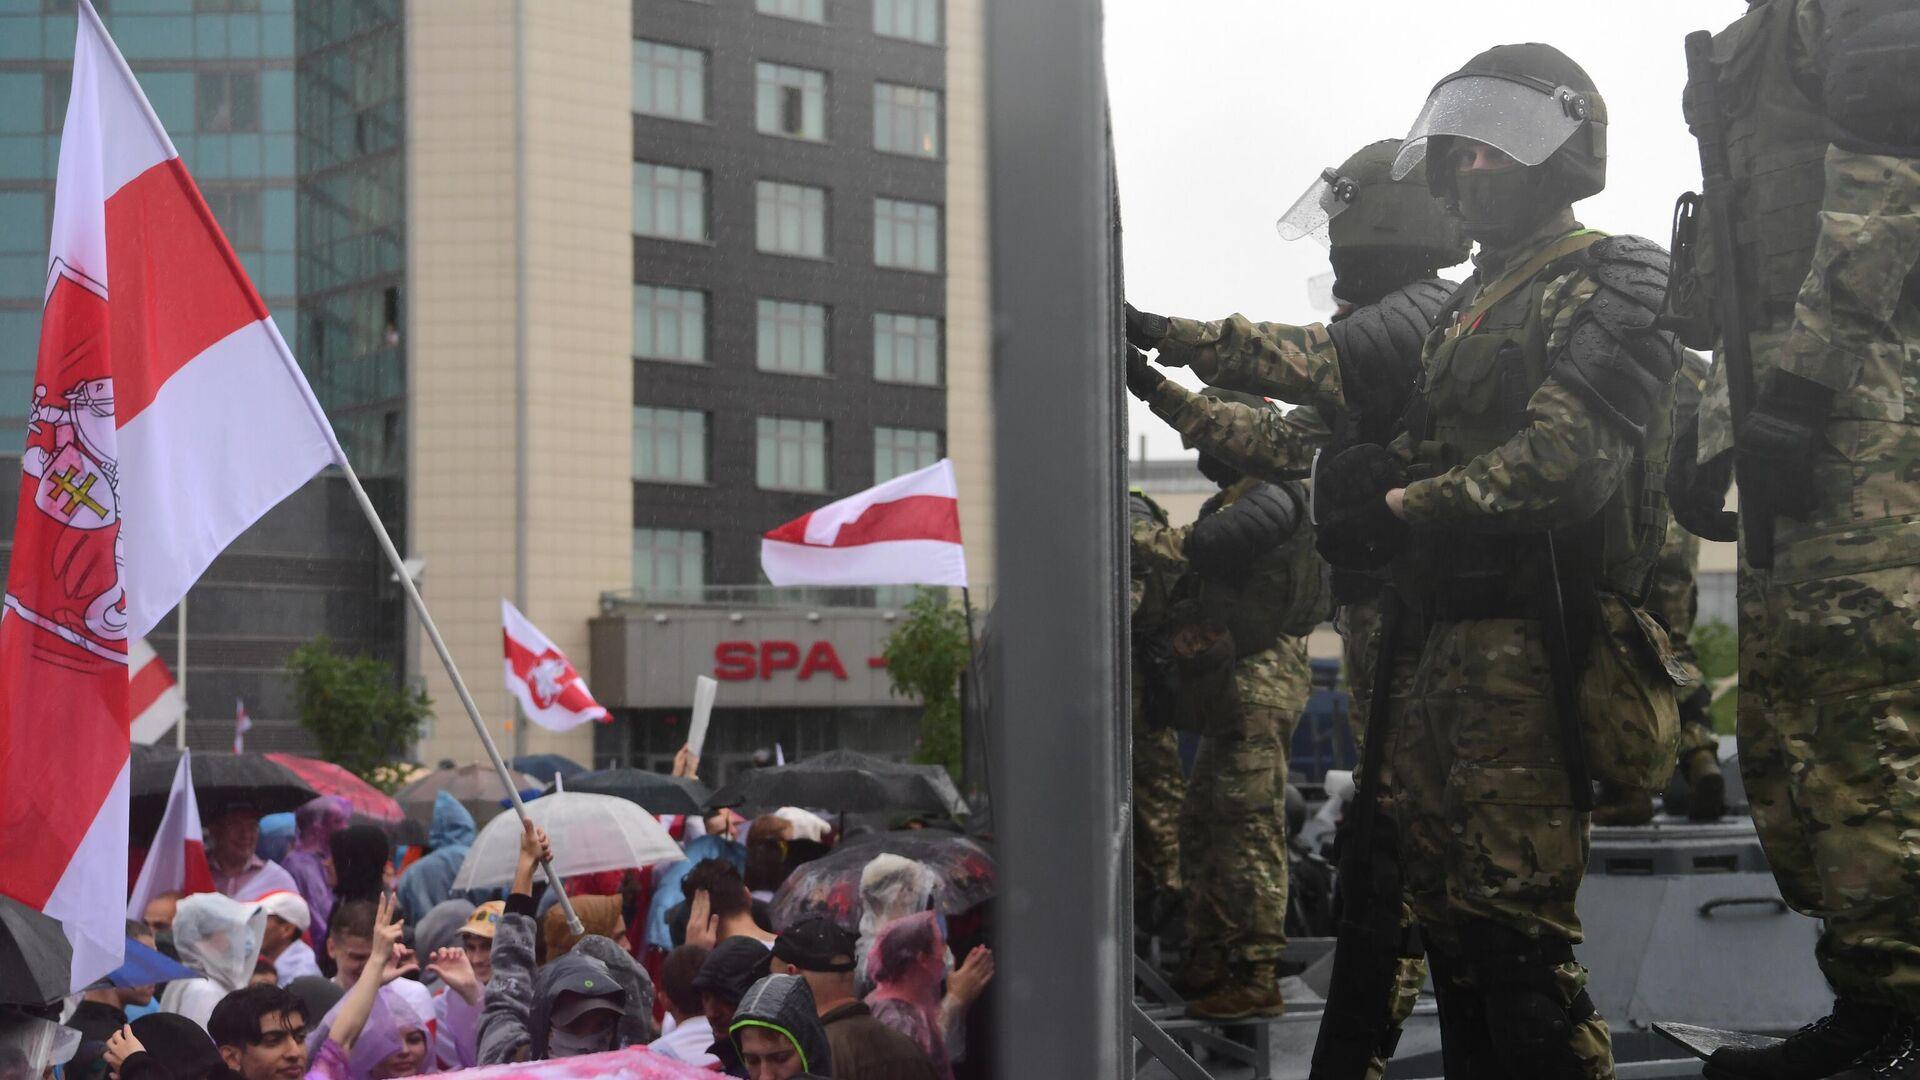 Сотрудники милиции и участники несанкционированной акции оппозиции Марш единства в Минске - РИА Новости, 1920, 16.09.2020